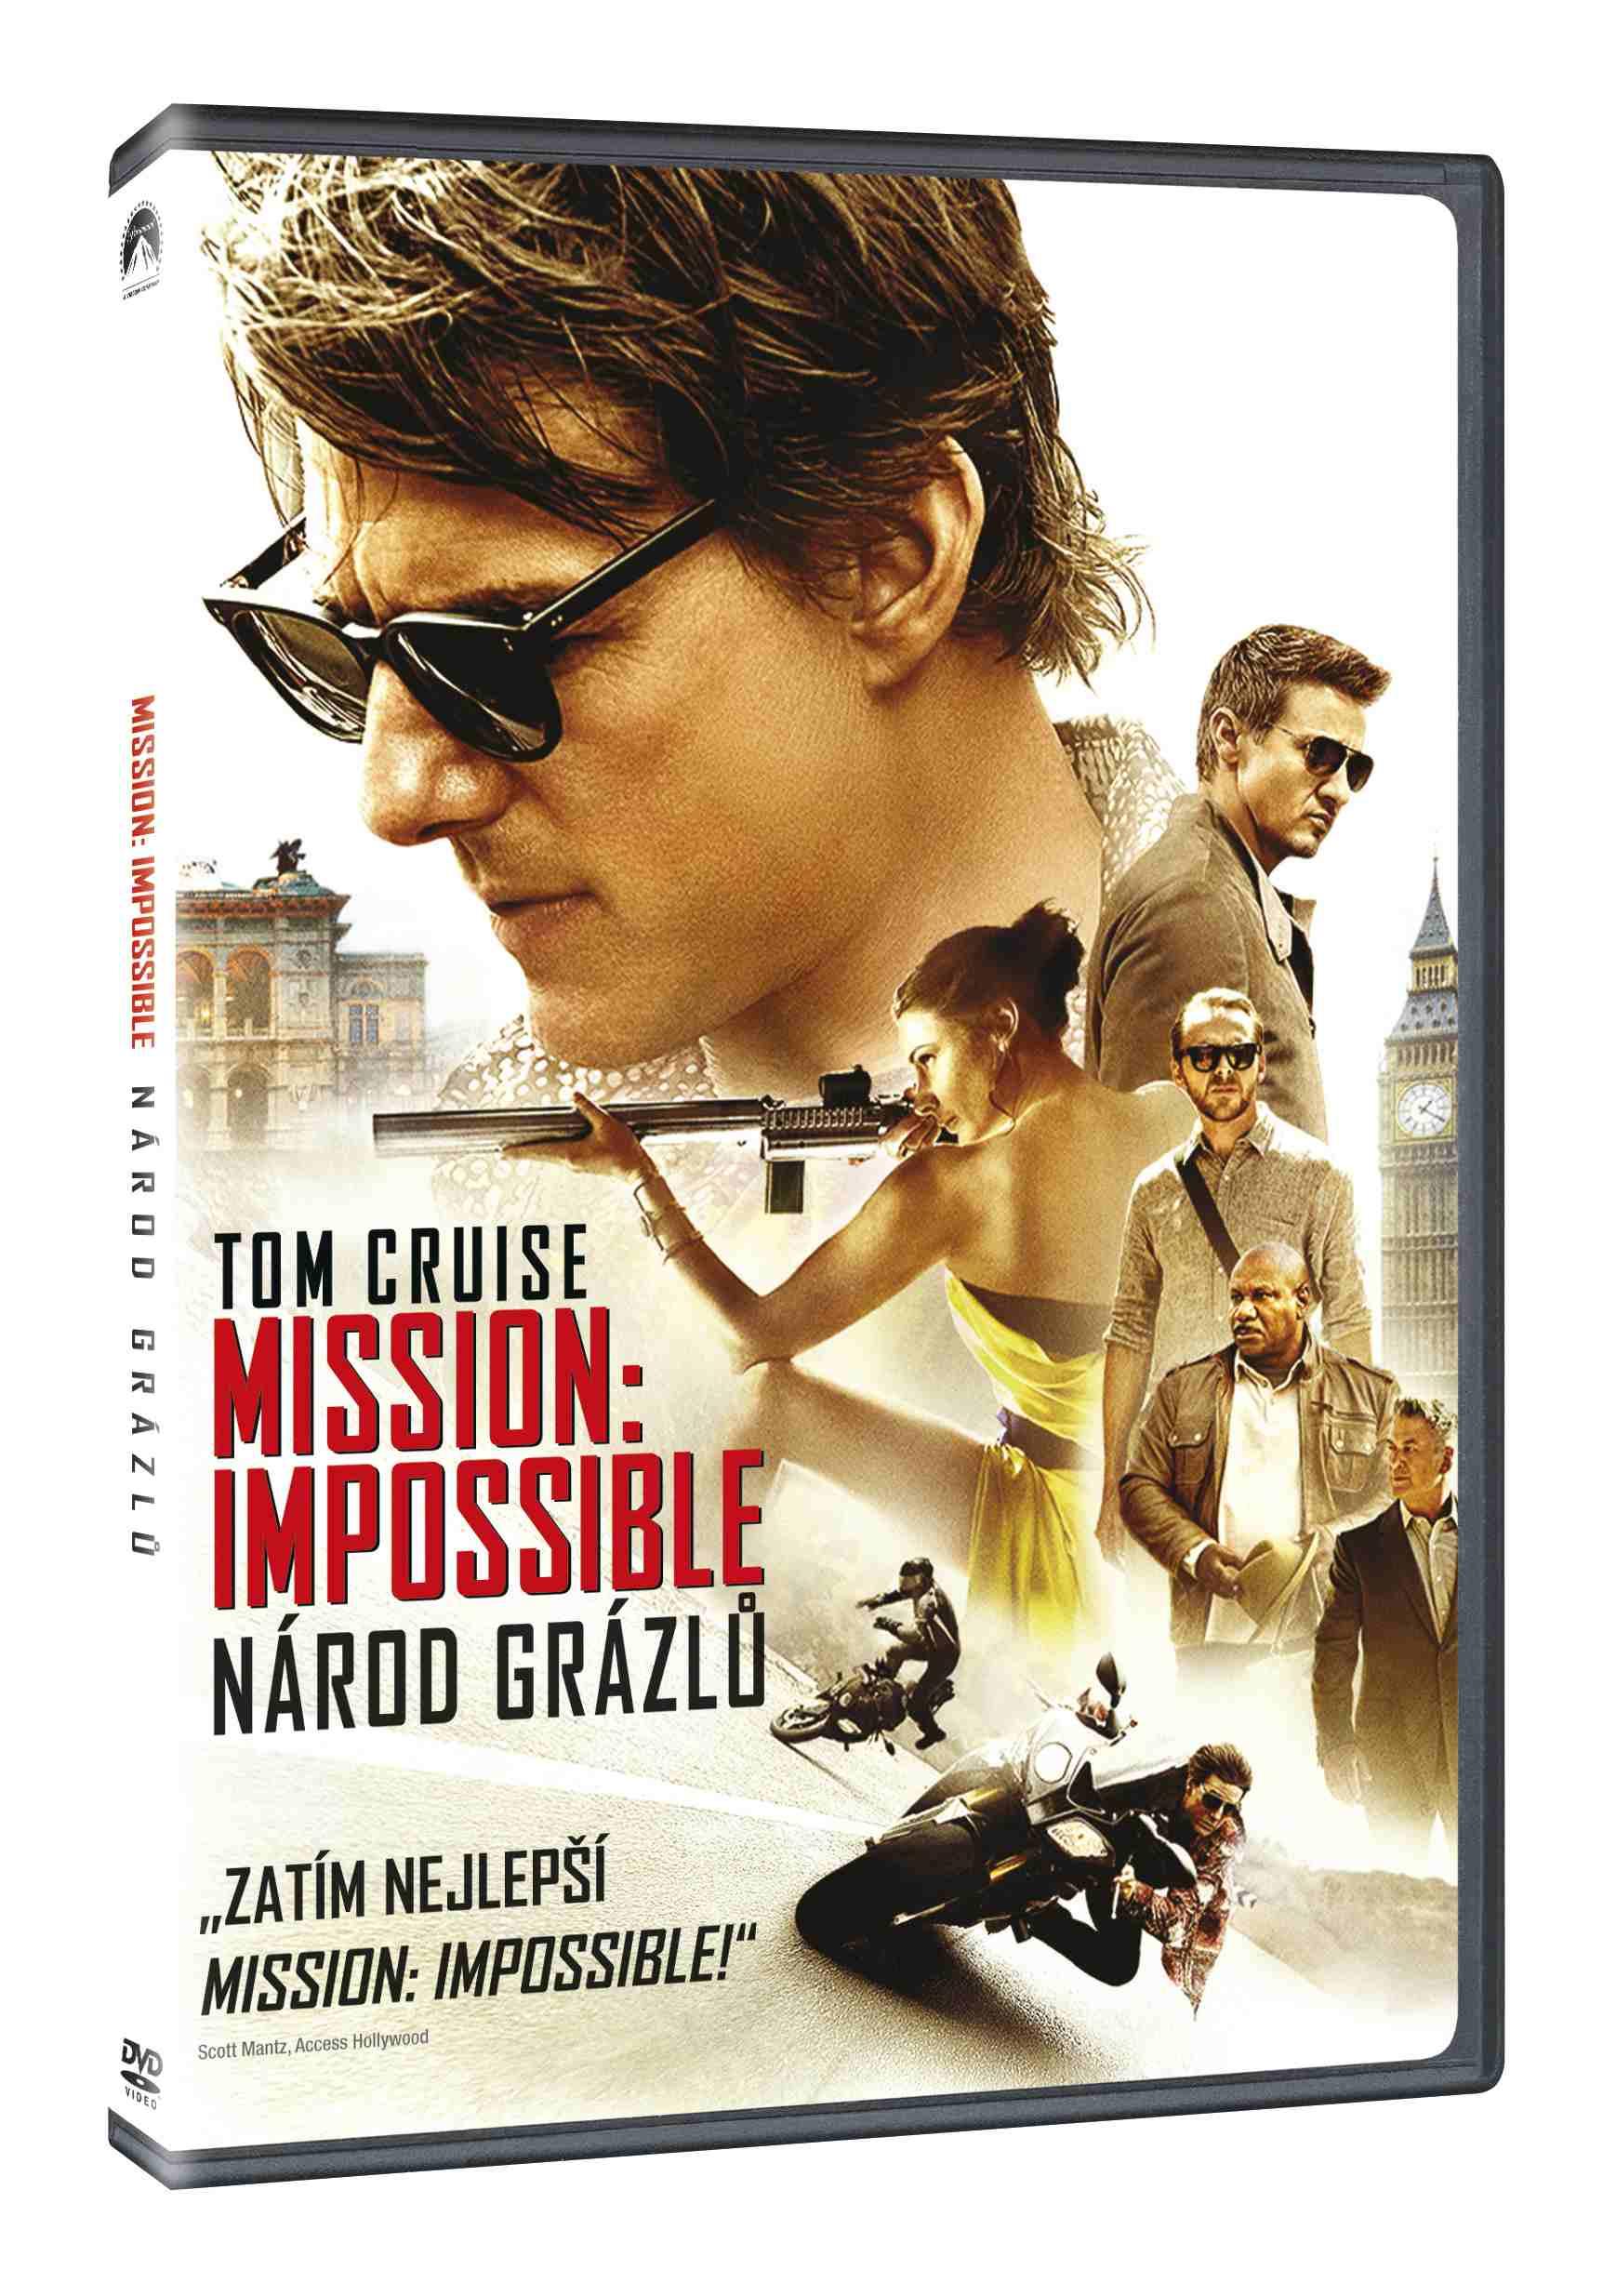 MISSION: IMPOSSIBLE 5 - NÁROD GRÁZLŮ - DVD